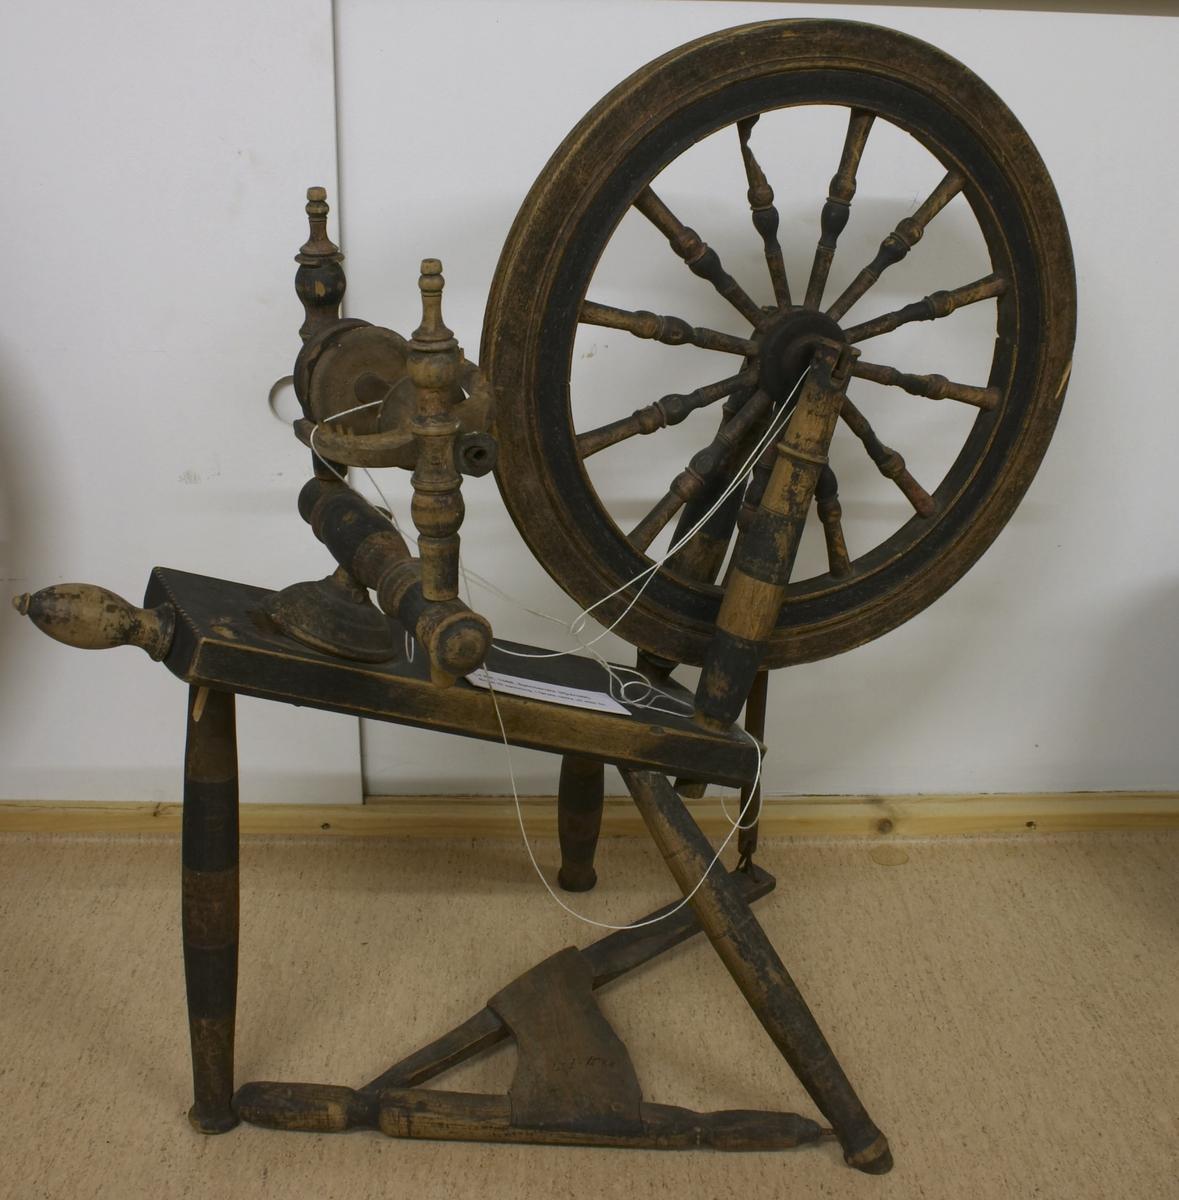 Brukt til spinning, i første rekke ull eller lin. Spinnerokk (hjulrokk) med skrått bryst, tre bein og trøe, laget av tre og malt sort og brun. Spinneapparatet er anbrakt i den høyeste enden av brystet. Hjulet ble betydelig større og alle deler ble spinklere i 1800-årene. Rokk med skrått bryst er den eldste (slutten av 1700-tallet - 1800-årene).